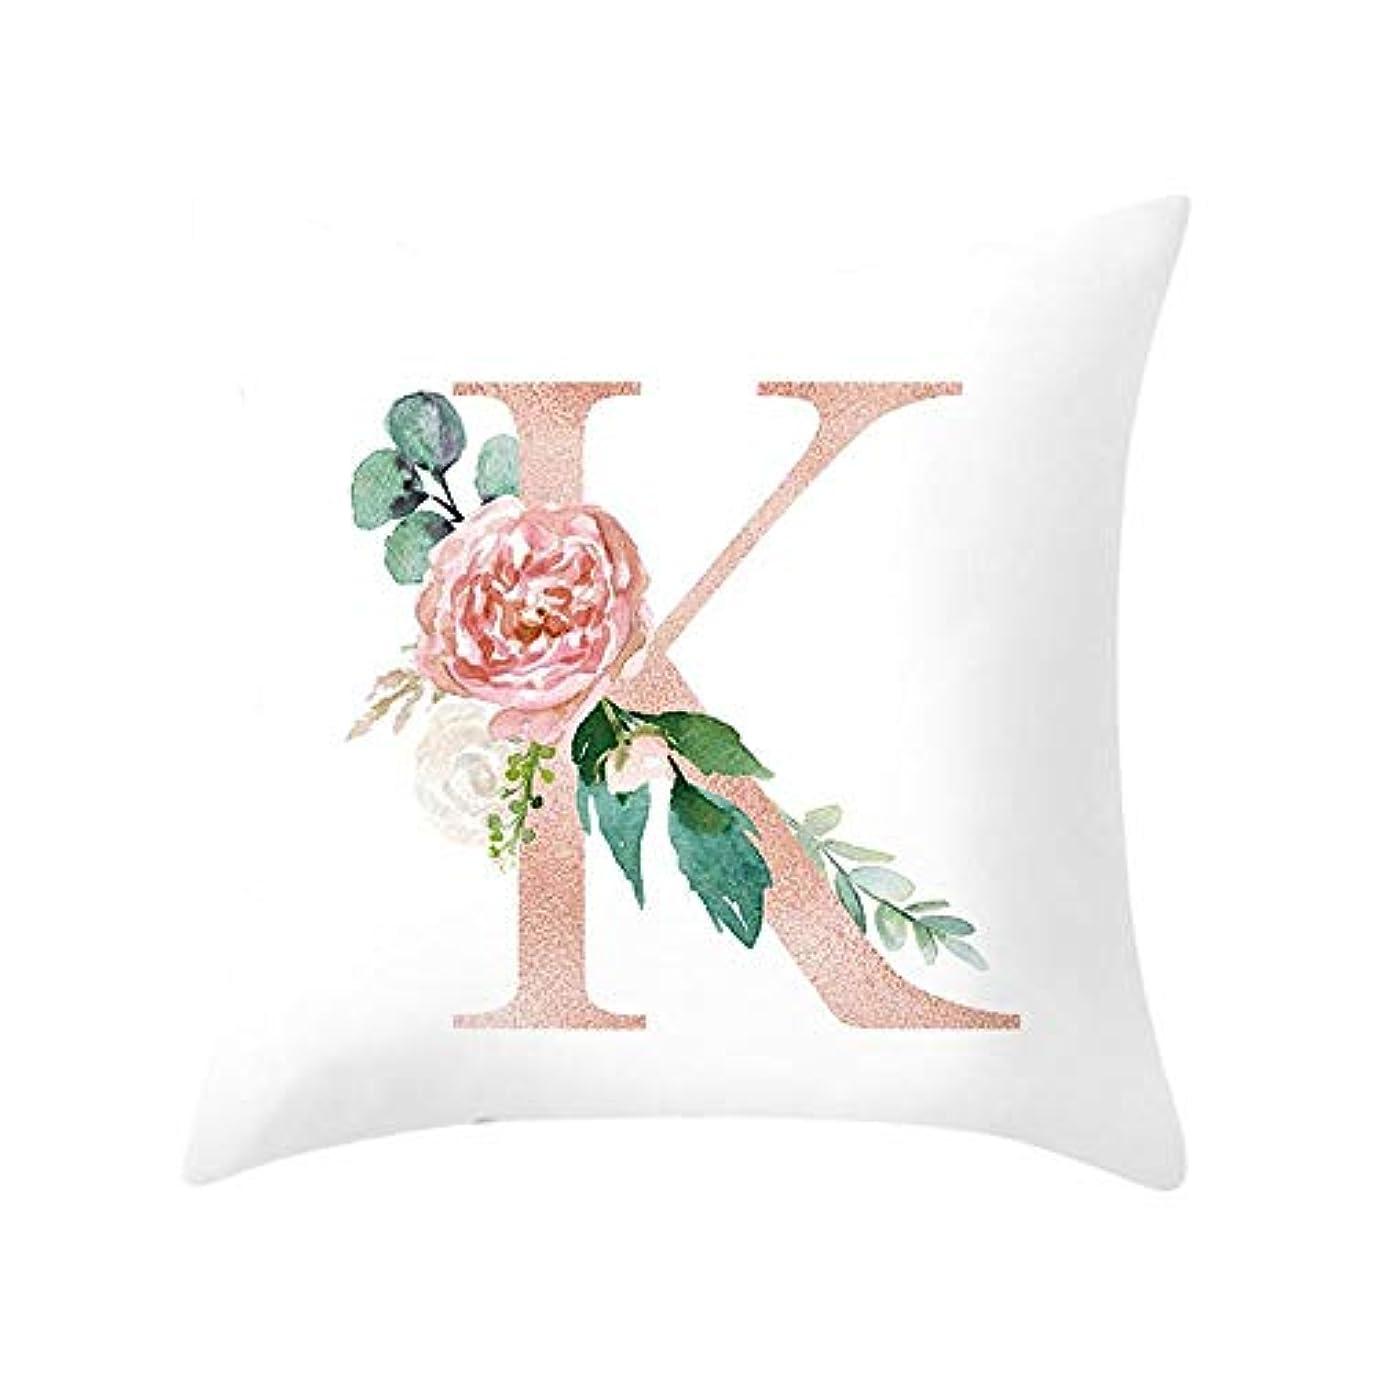 第二回るジャニスLIFE 装飾クッションソファ手紙枕アルファベットクッション印刷ソファ家の装飾の花枕 coussin decoratif クッション 椅子